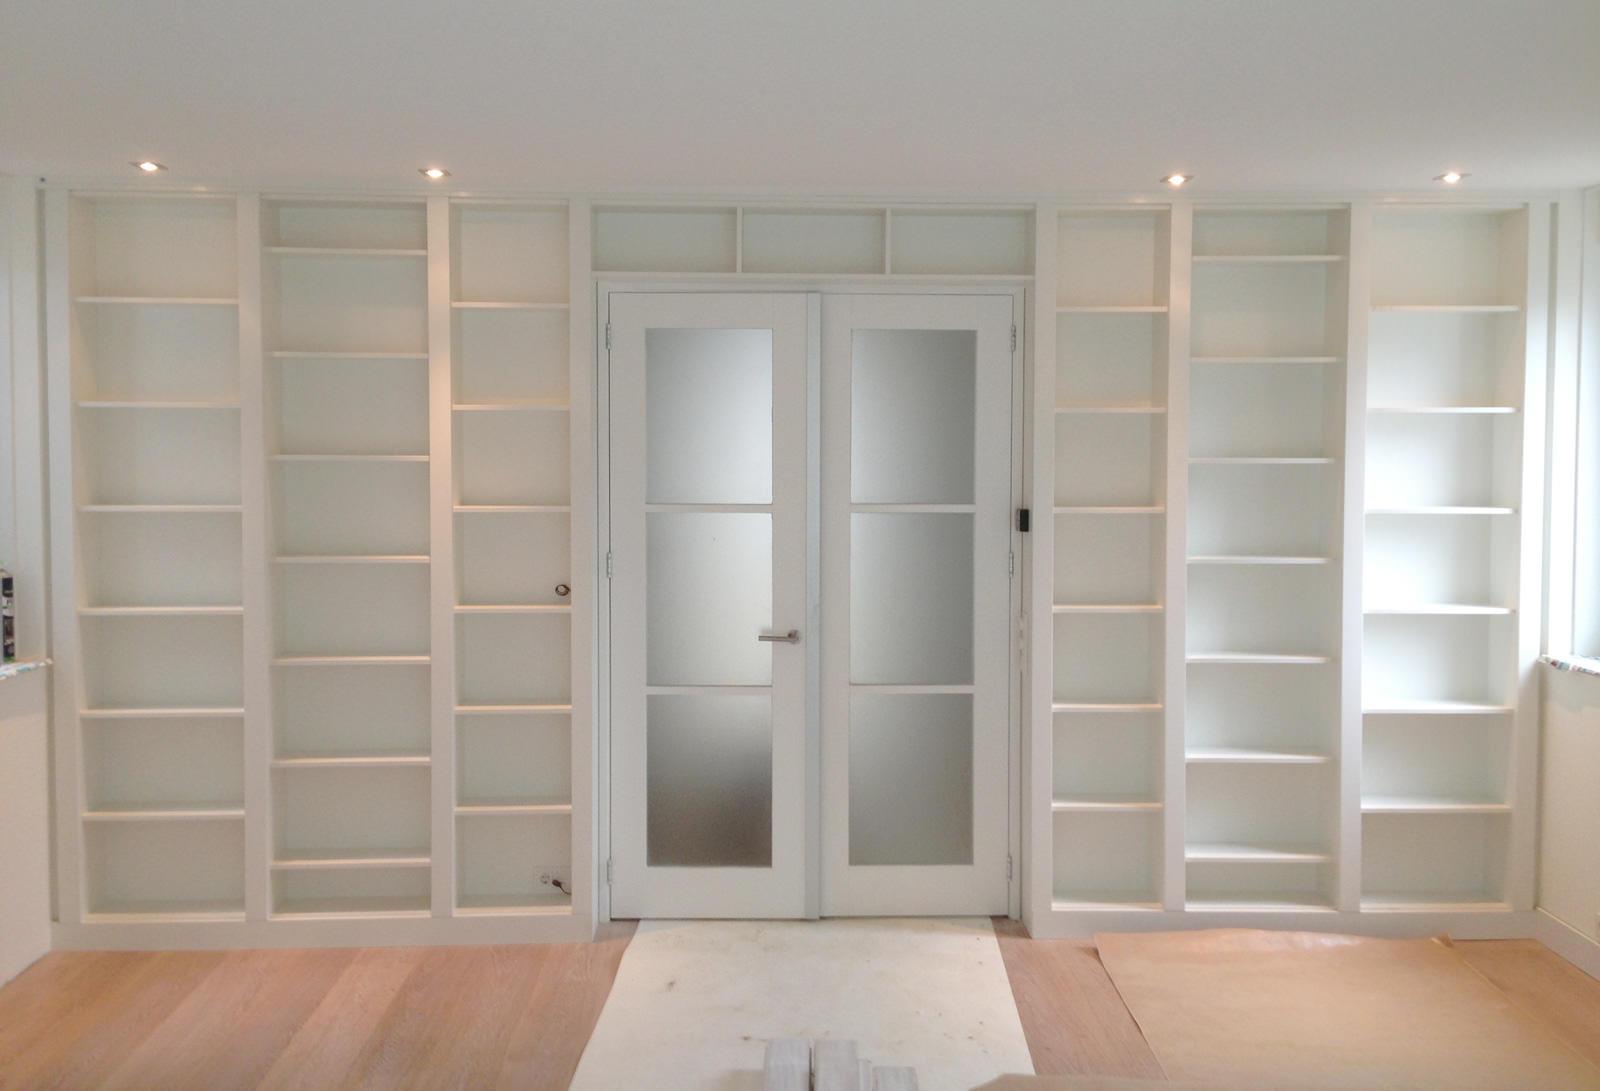 Ensuitekast op maat een ruimtelijke scheiding en een lust voor het oog krete - Scheiding tussen twee kamers ...